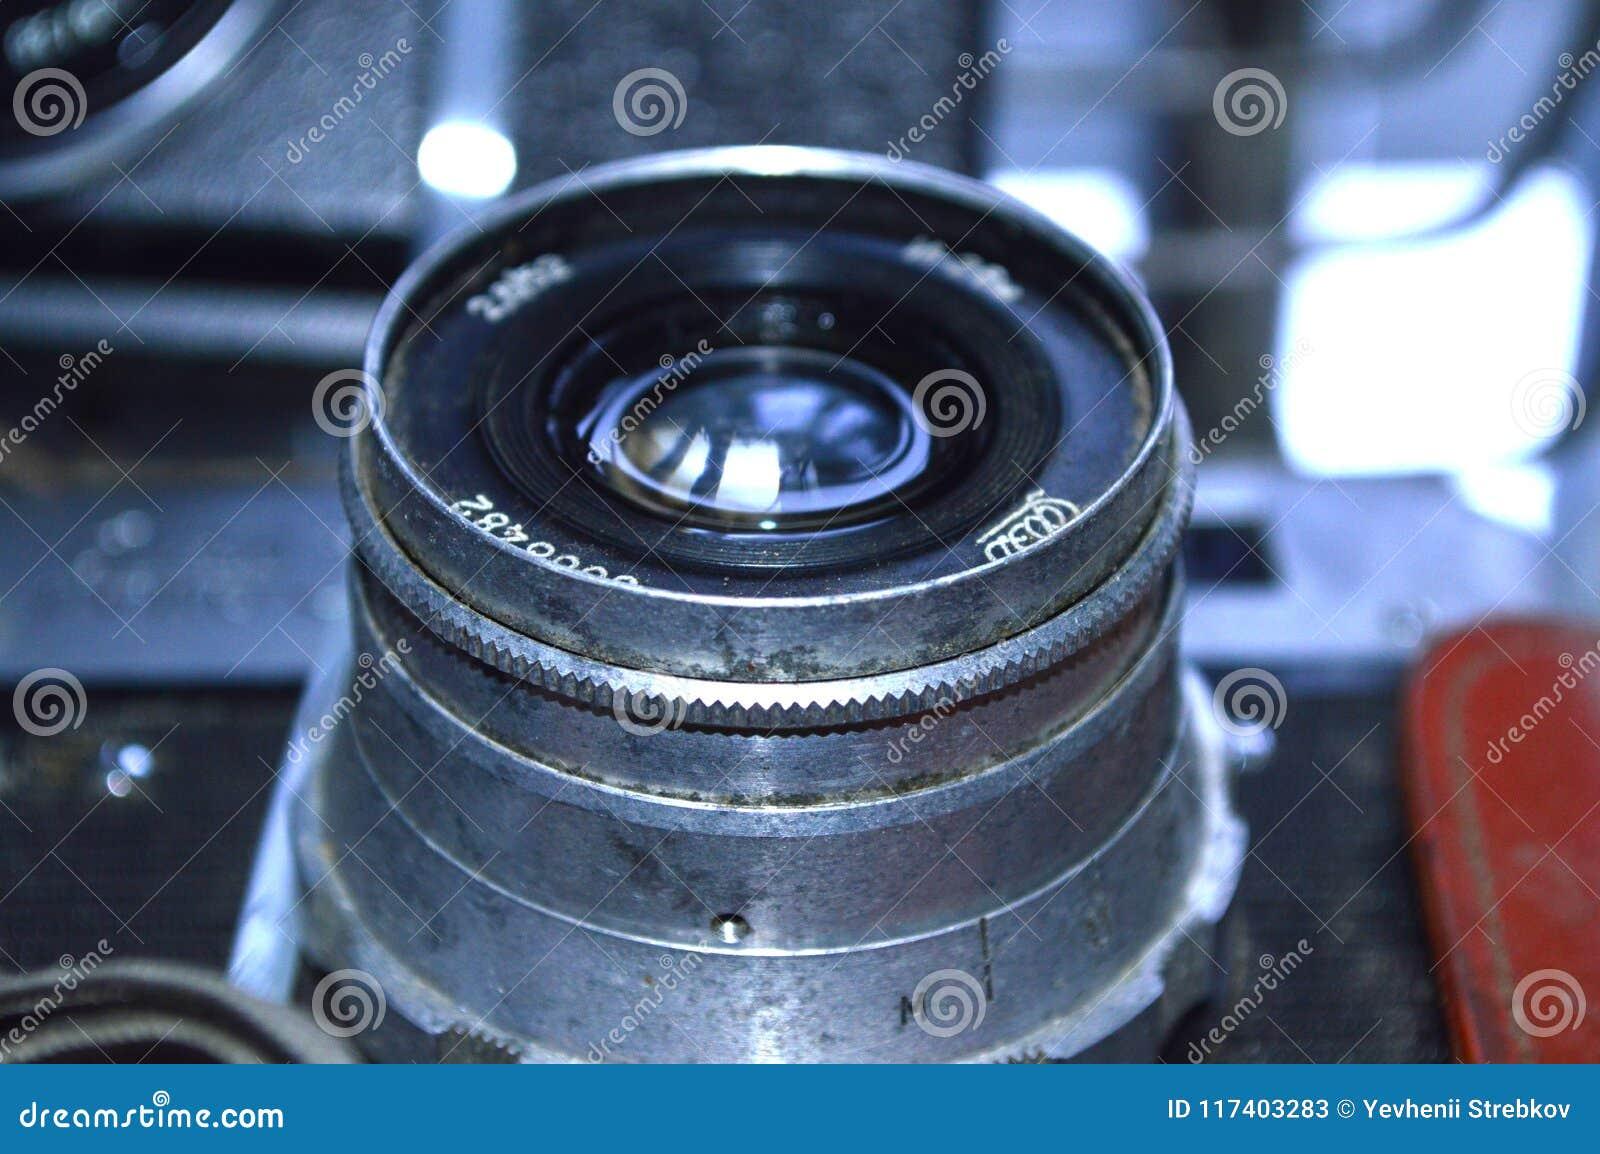 Old vintage camera lens close-up